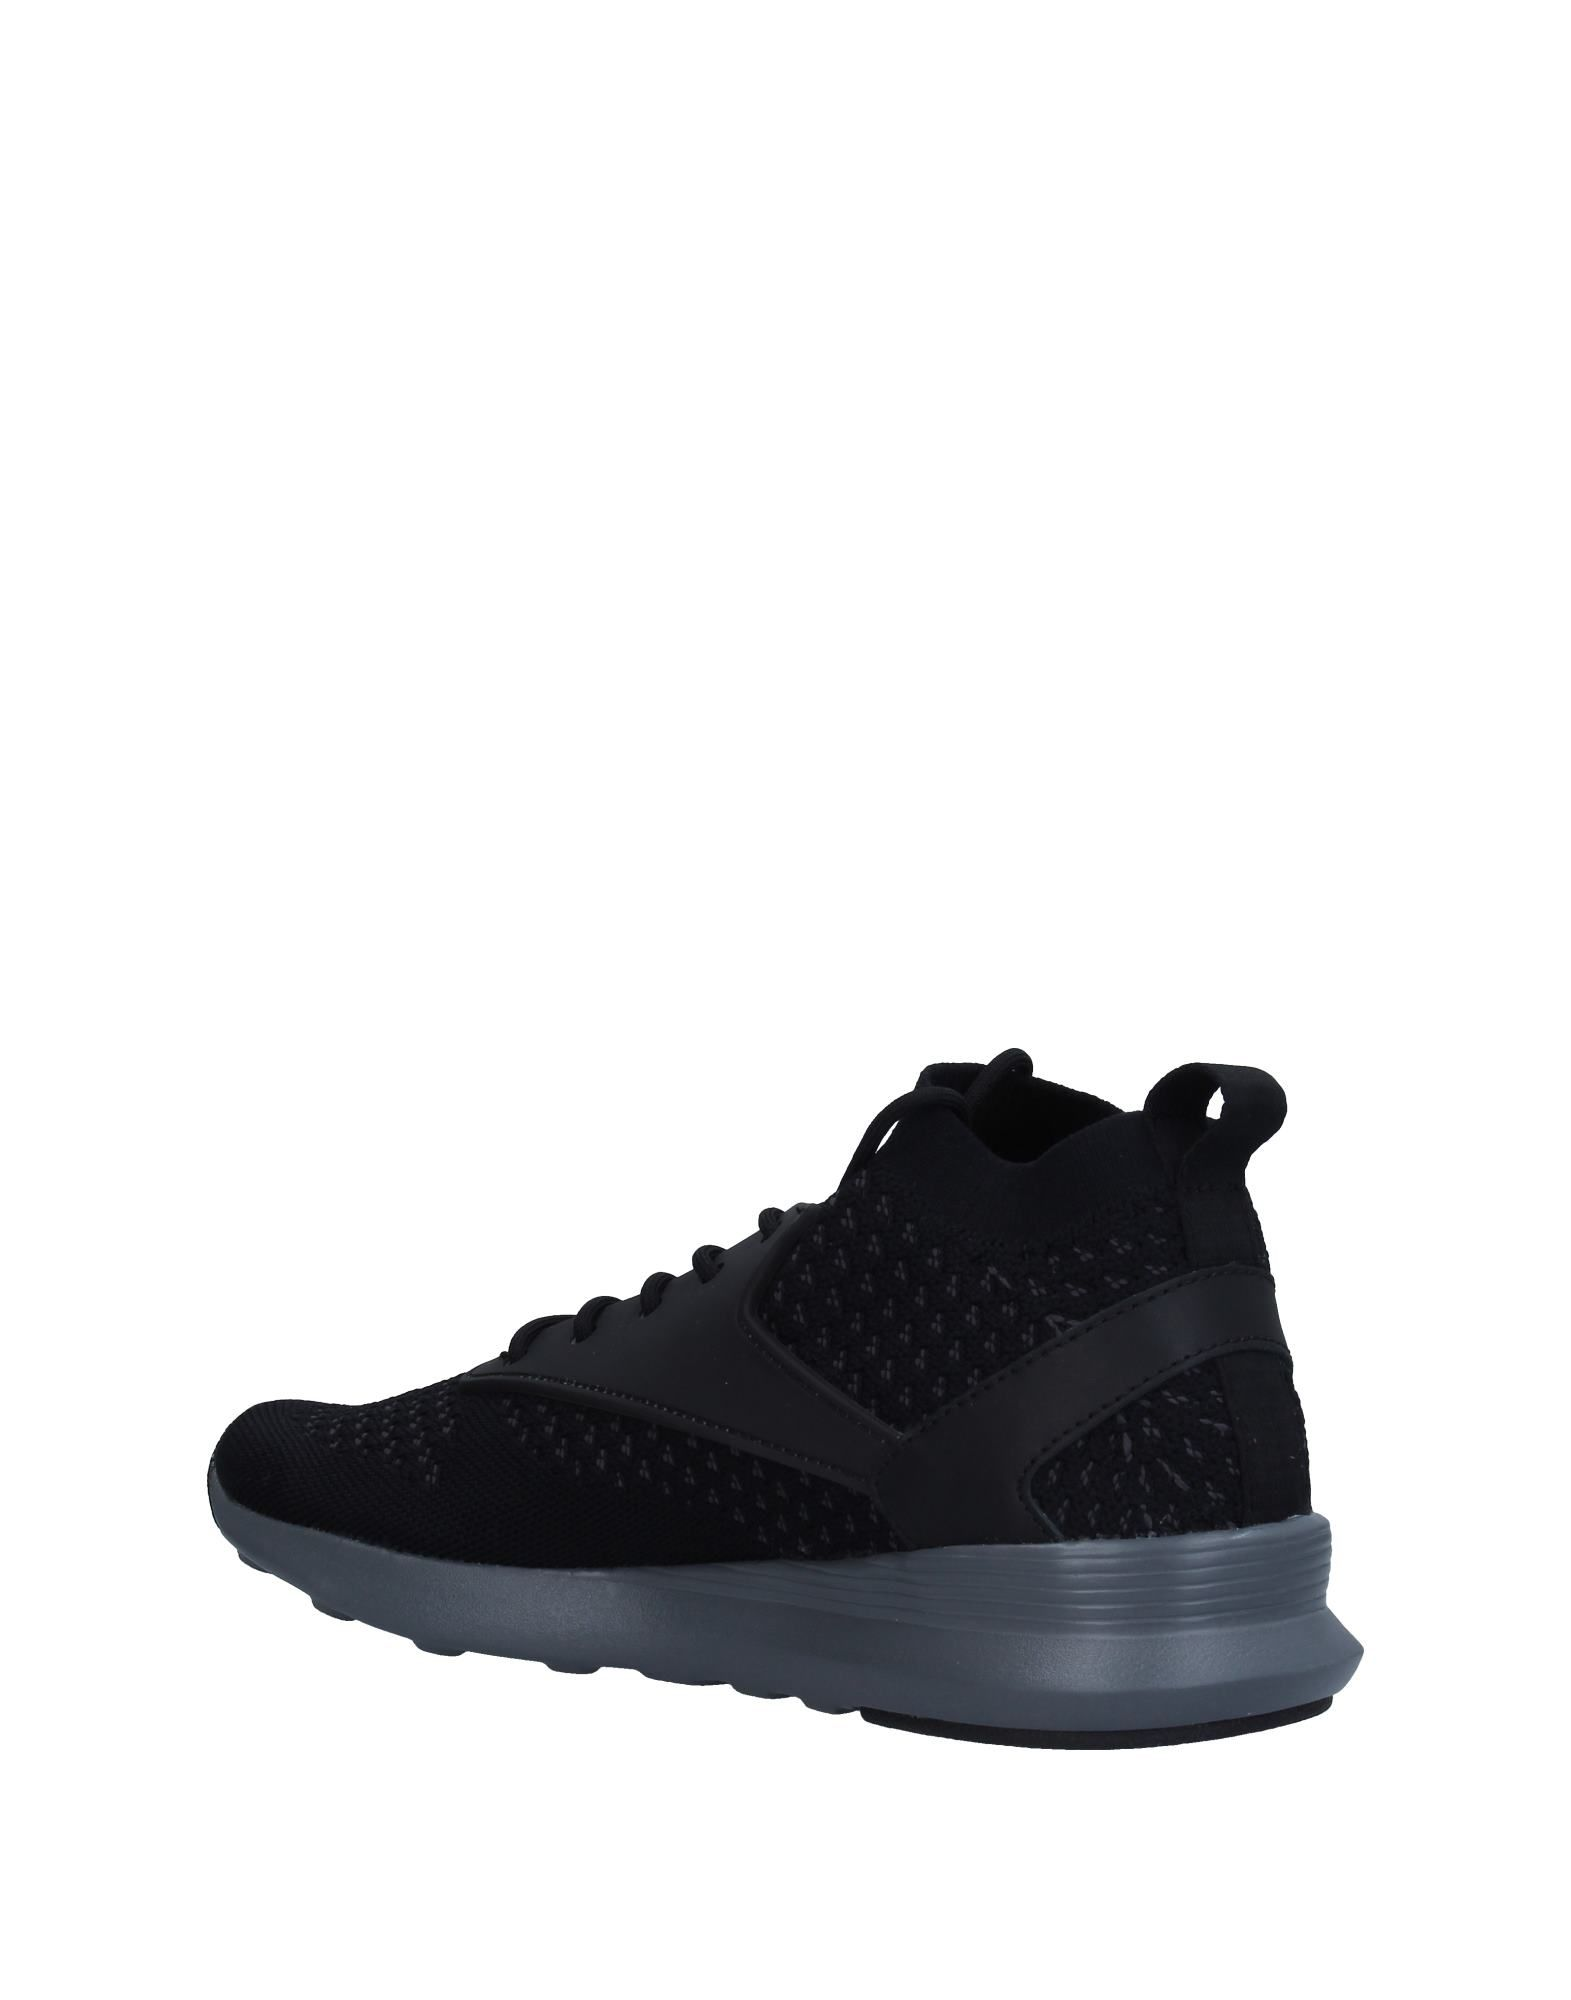 Reebok Sneakers 11328214DI Herren  11328214DI Sneakers Heiße Schuhe f7f0f1